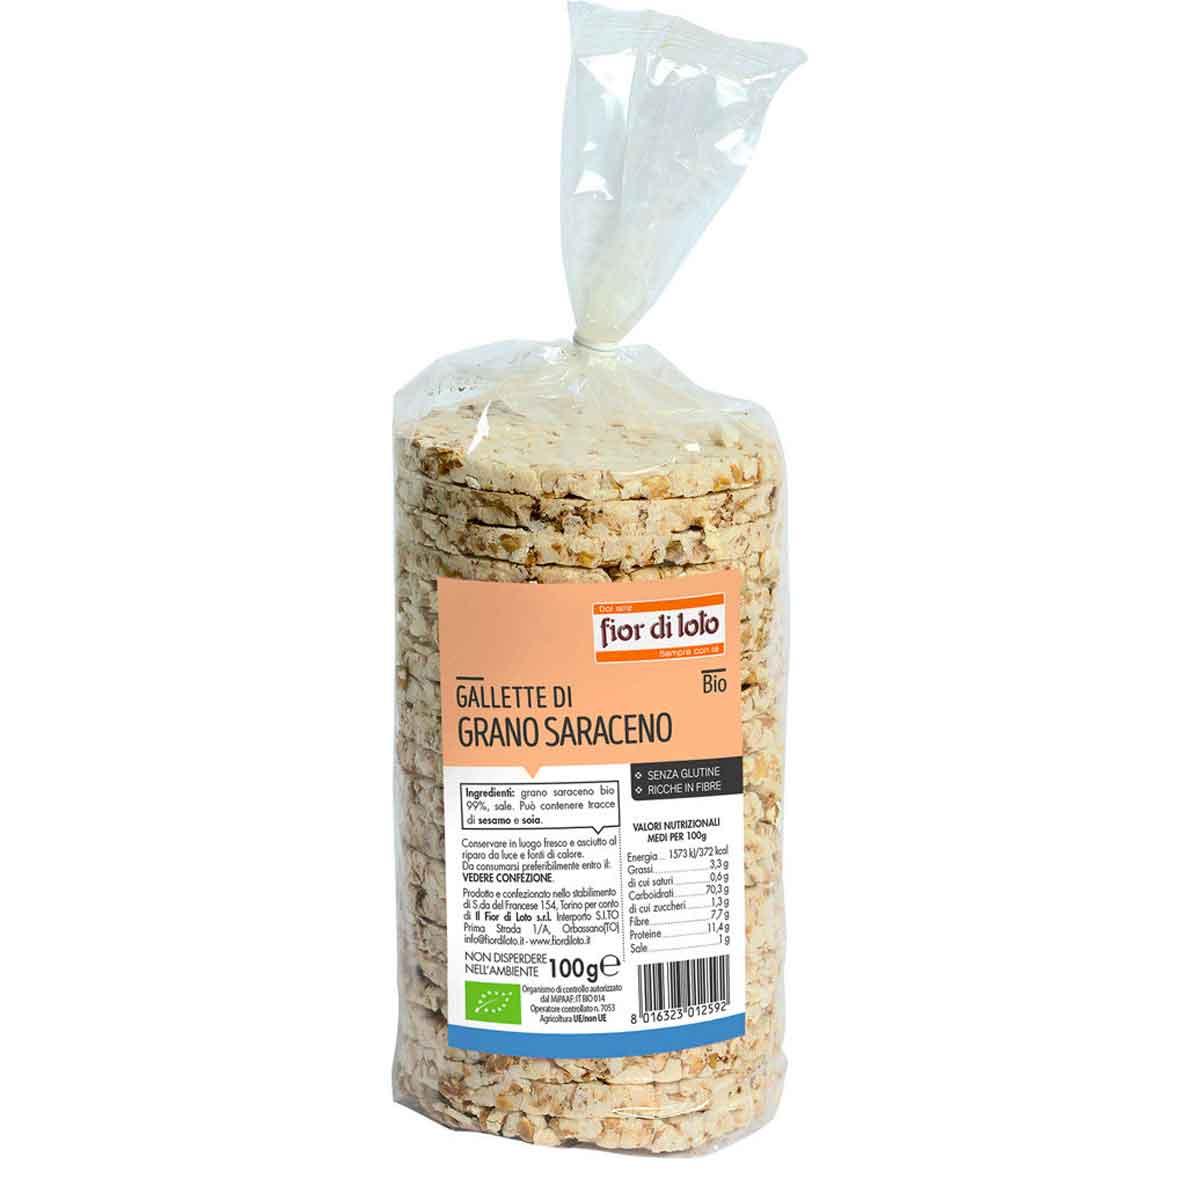 Fior di Loto Gallette di grano saraceno